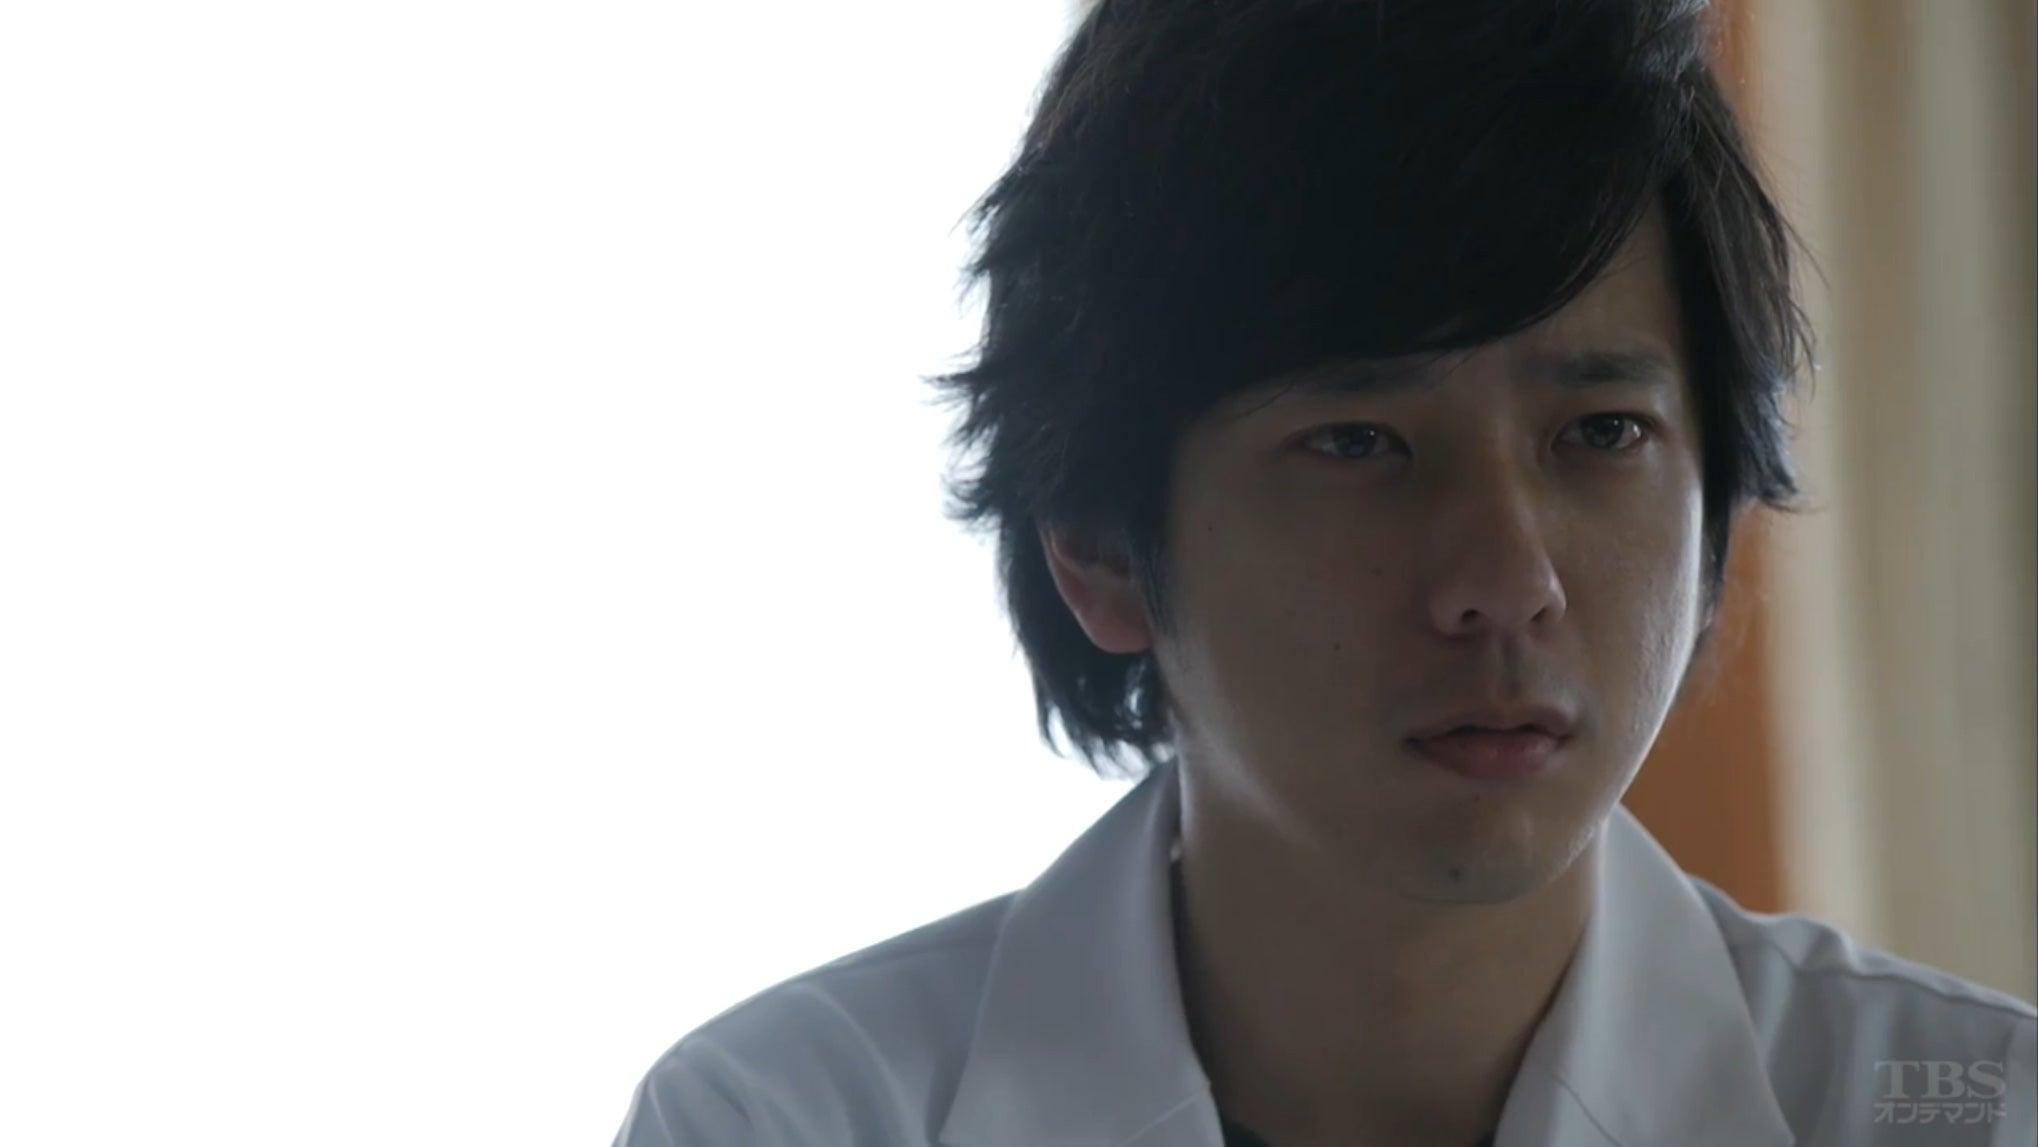 第10回 渡海征司郎。【ブラックペアン#10】 | nagomunari 〜和む也〜 * AinoArika *゚